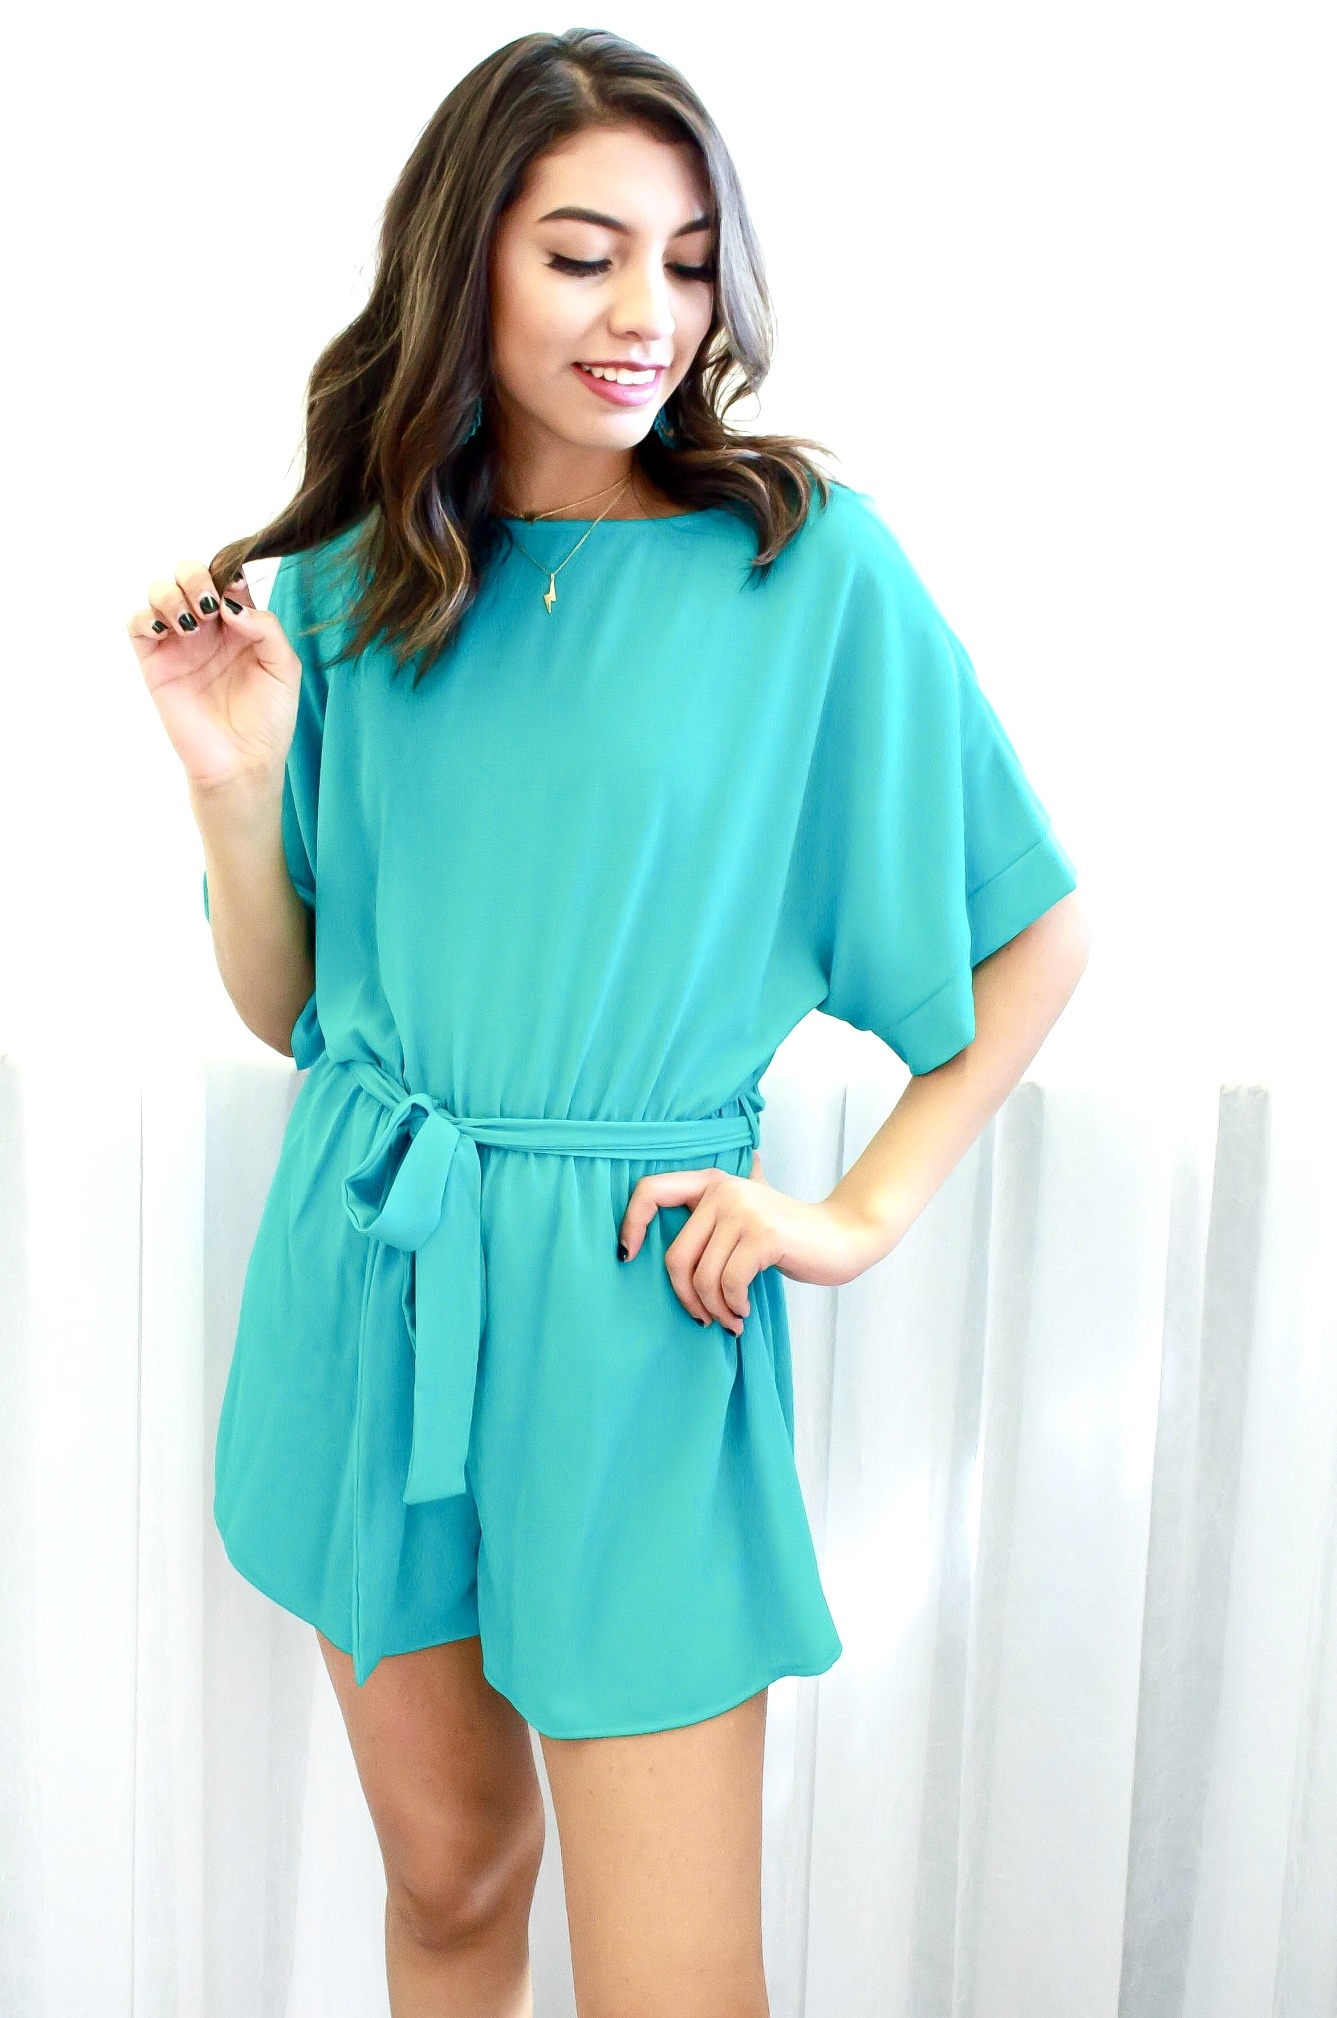 Turquoise Half Sleeve Romper